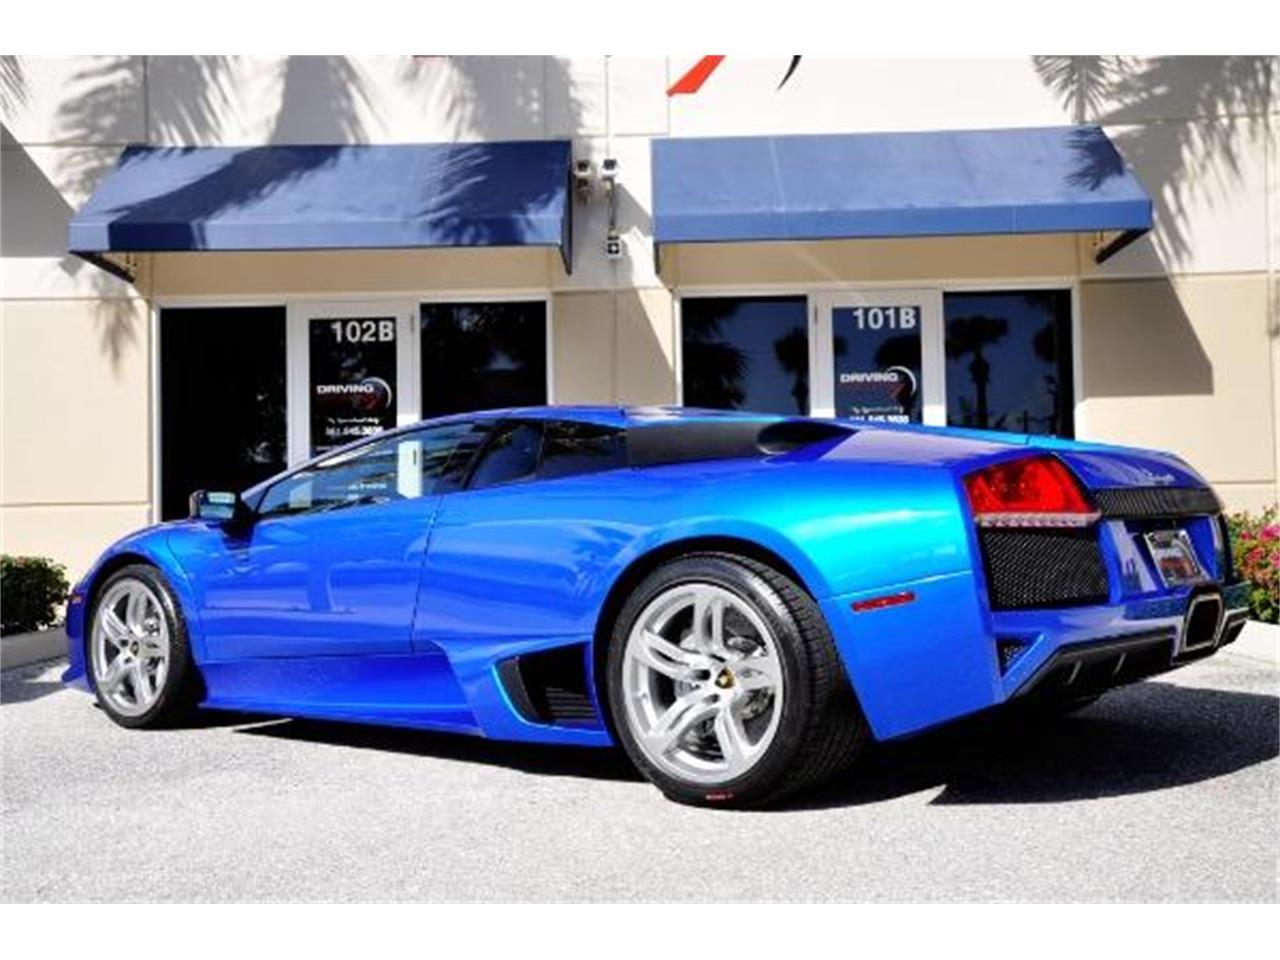 Large Picture of '08 Lamborghini Murcielago - $289,900.00 - QQLZ